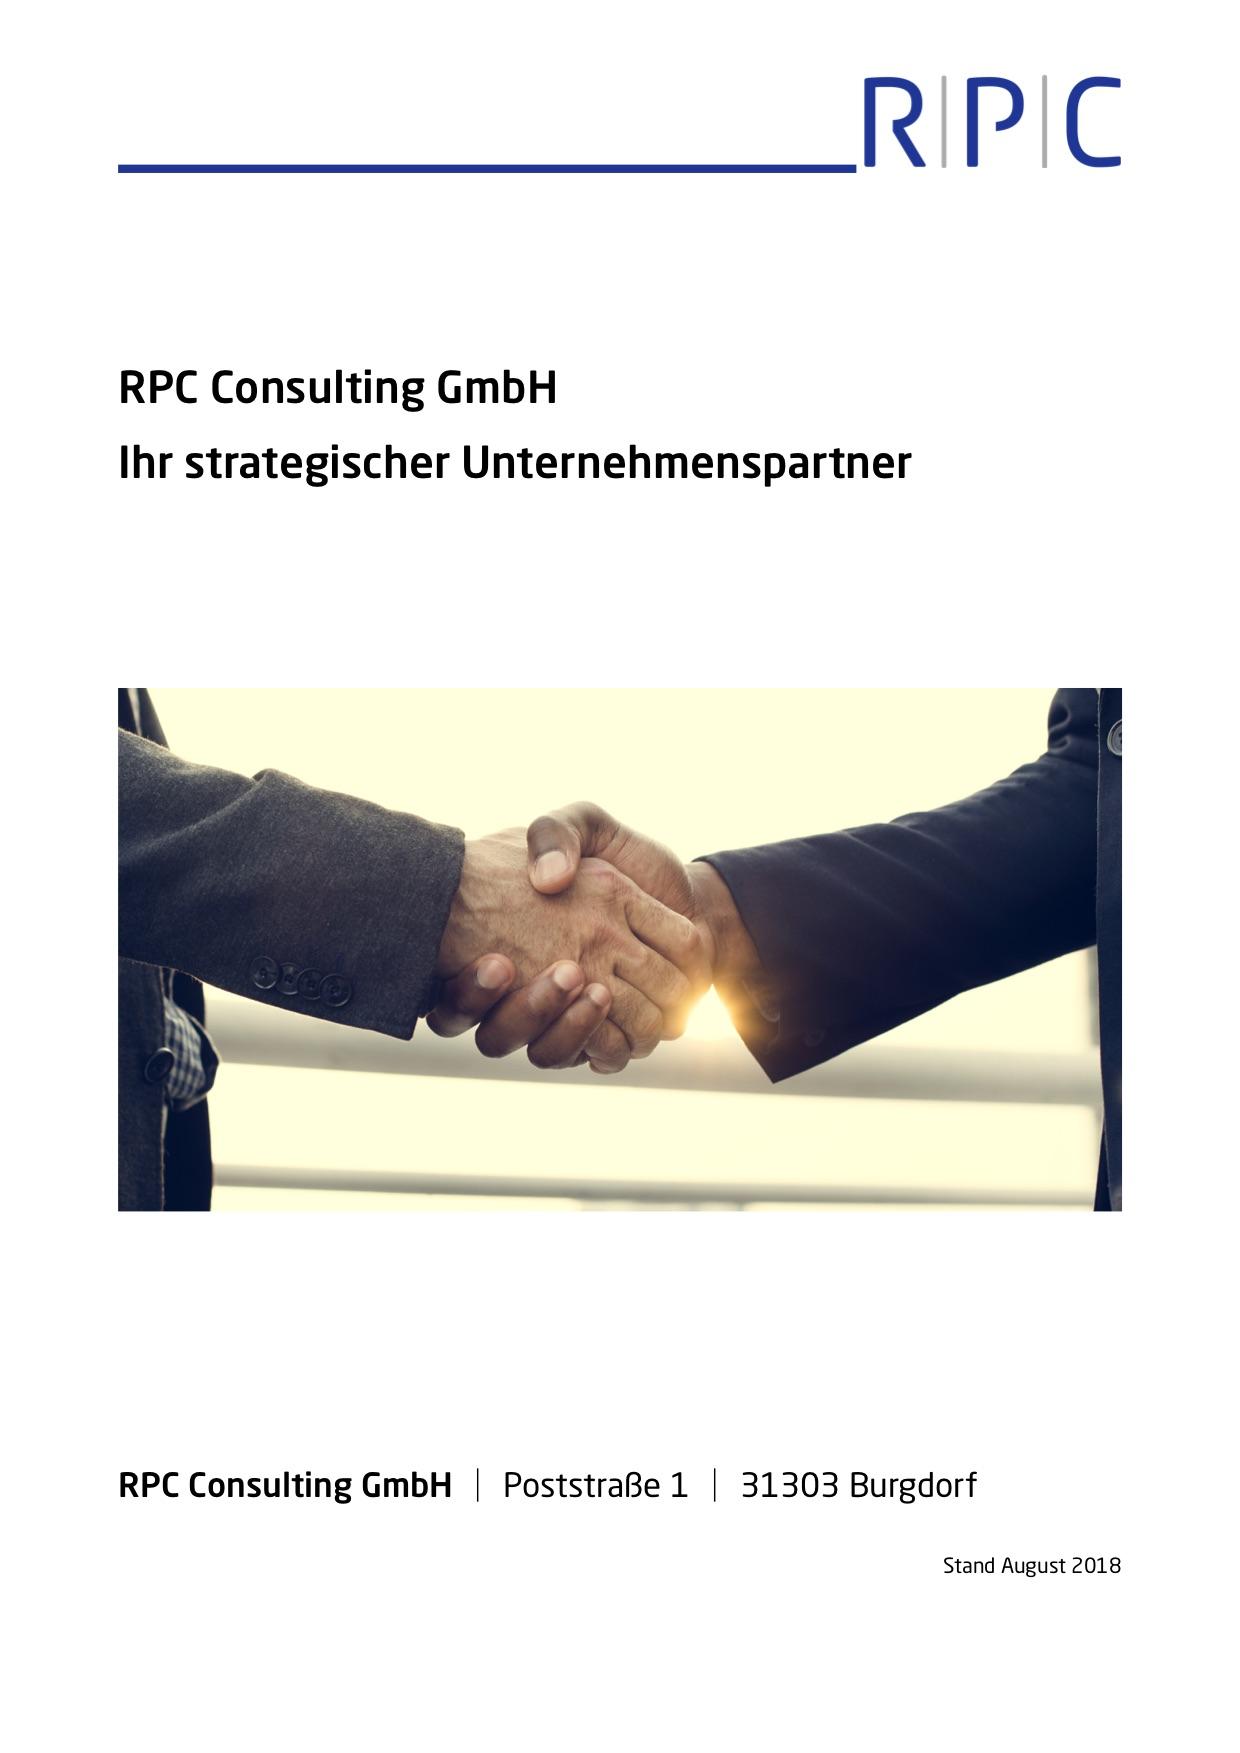 RPC Consulting GmbH - Ihr strategischer Unternehmenspartner